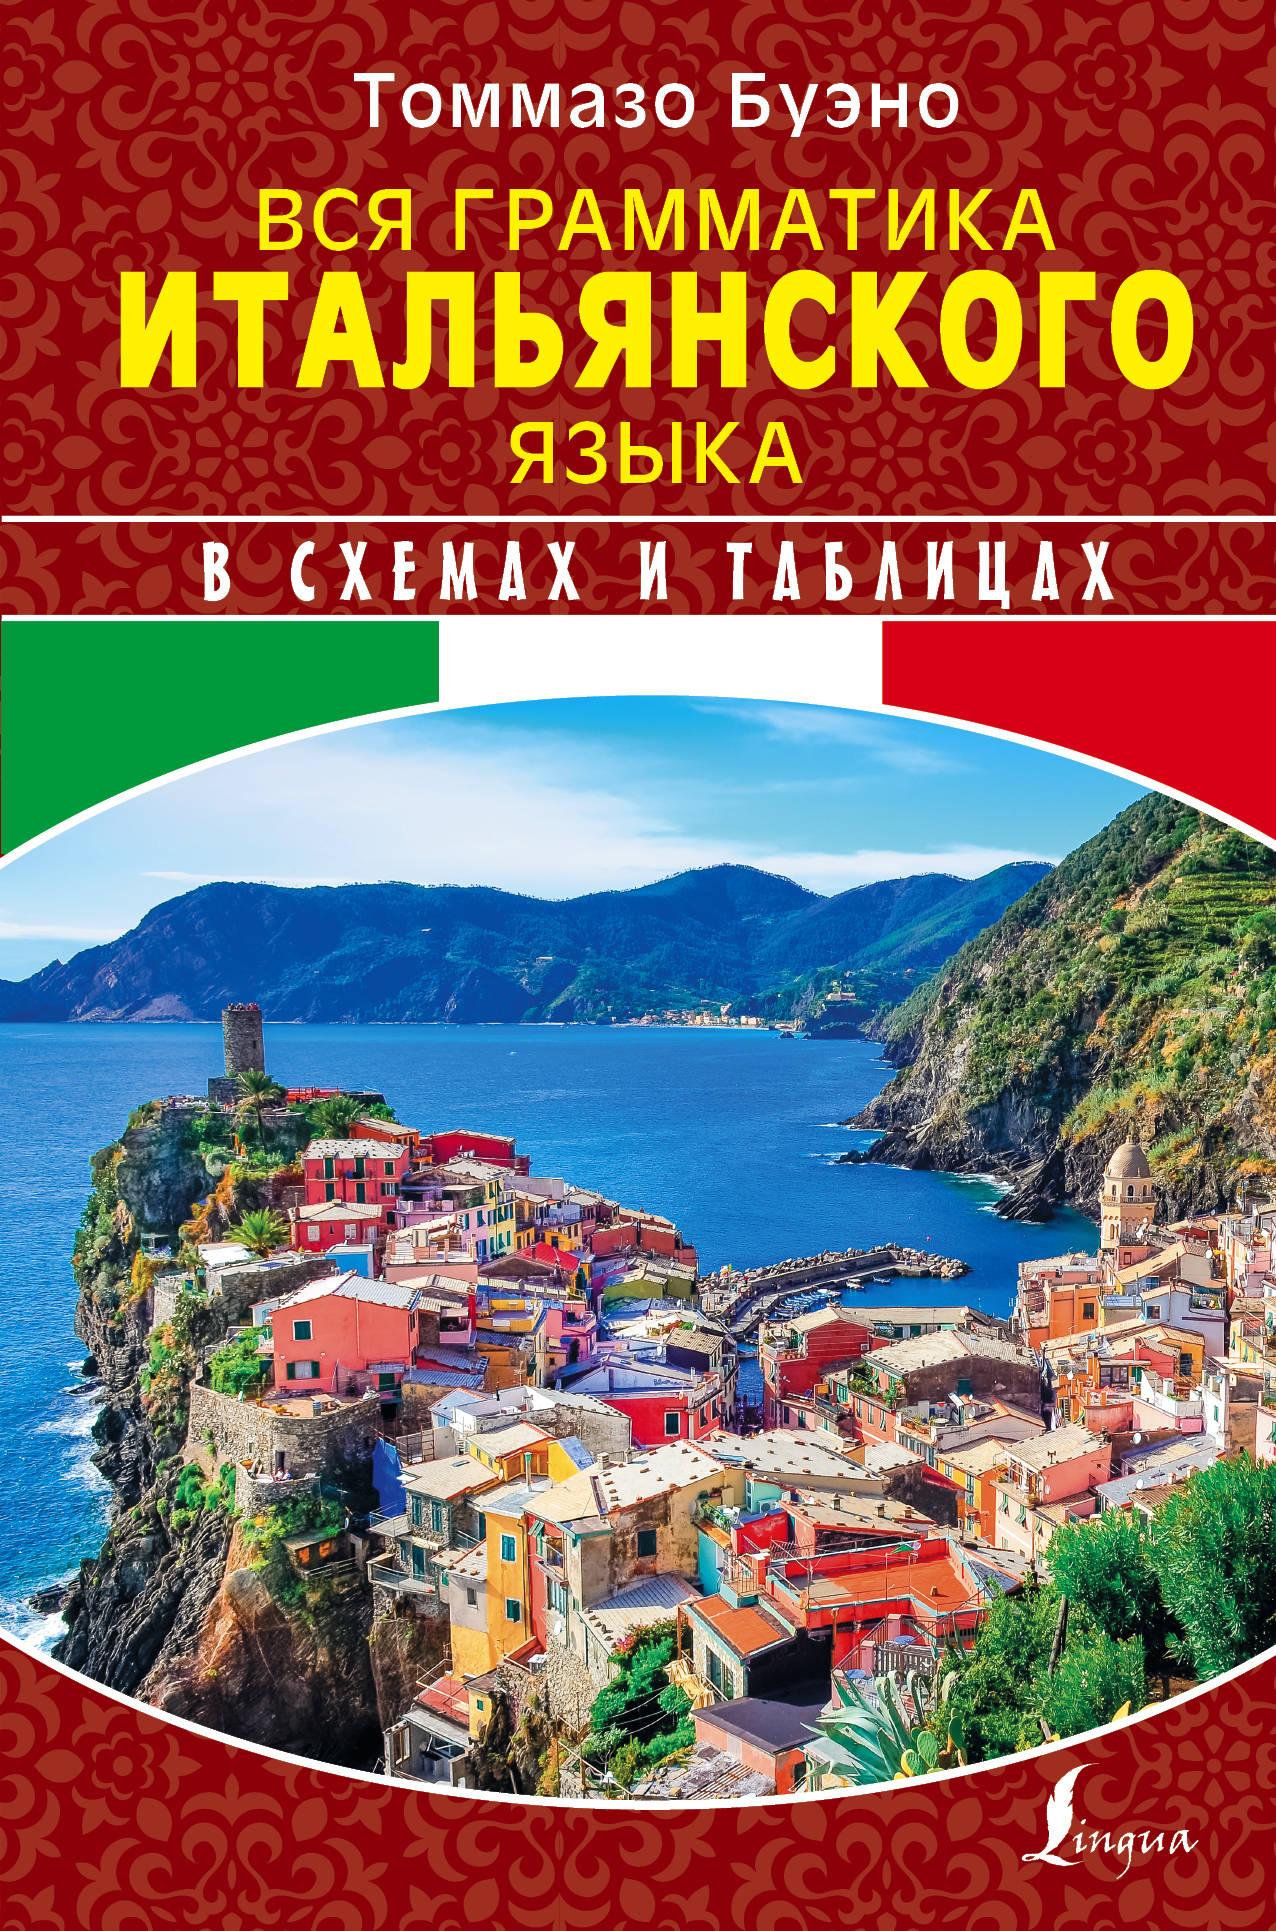 Буэно Томмазо, Е. Г. Грушевская Вся грамматика итальянского языка в схемах и таблицах